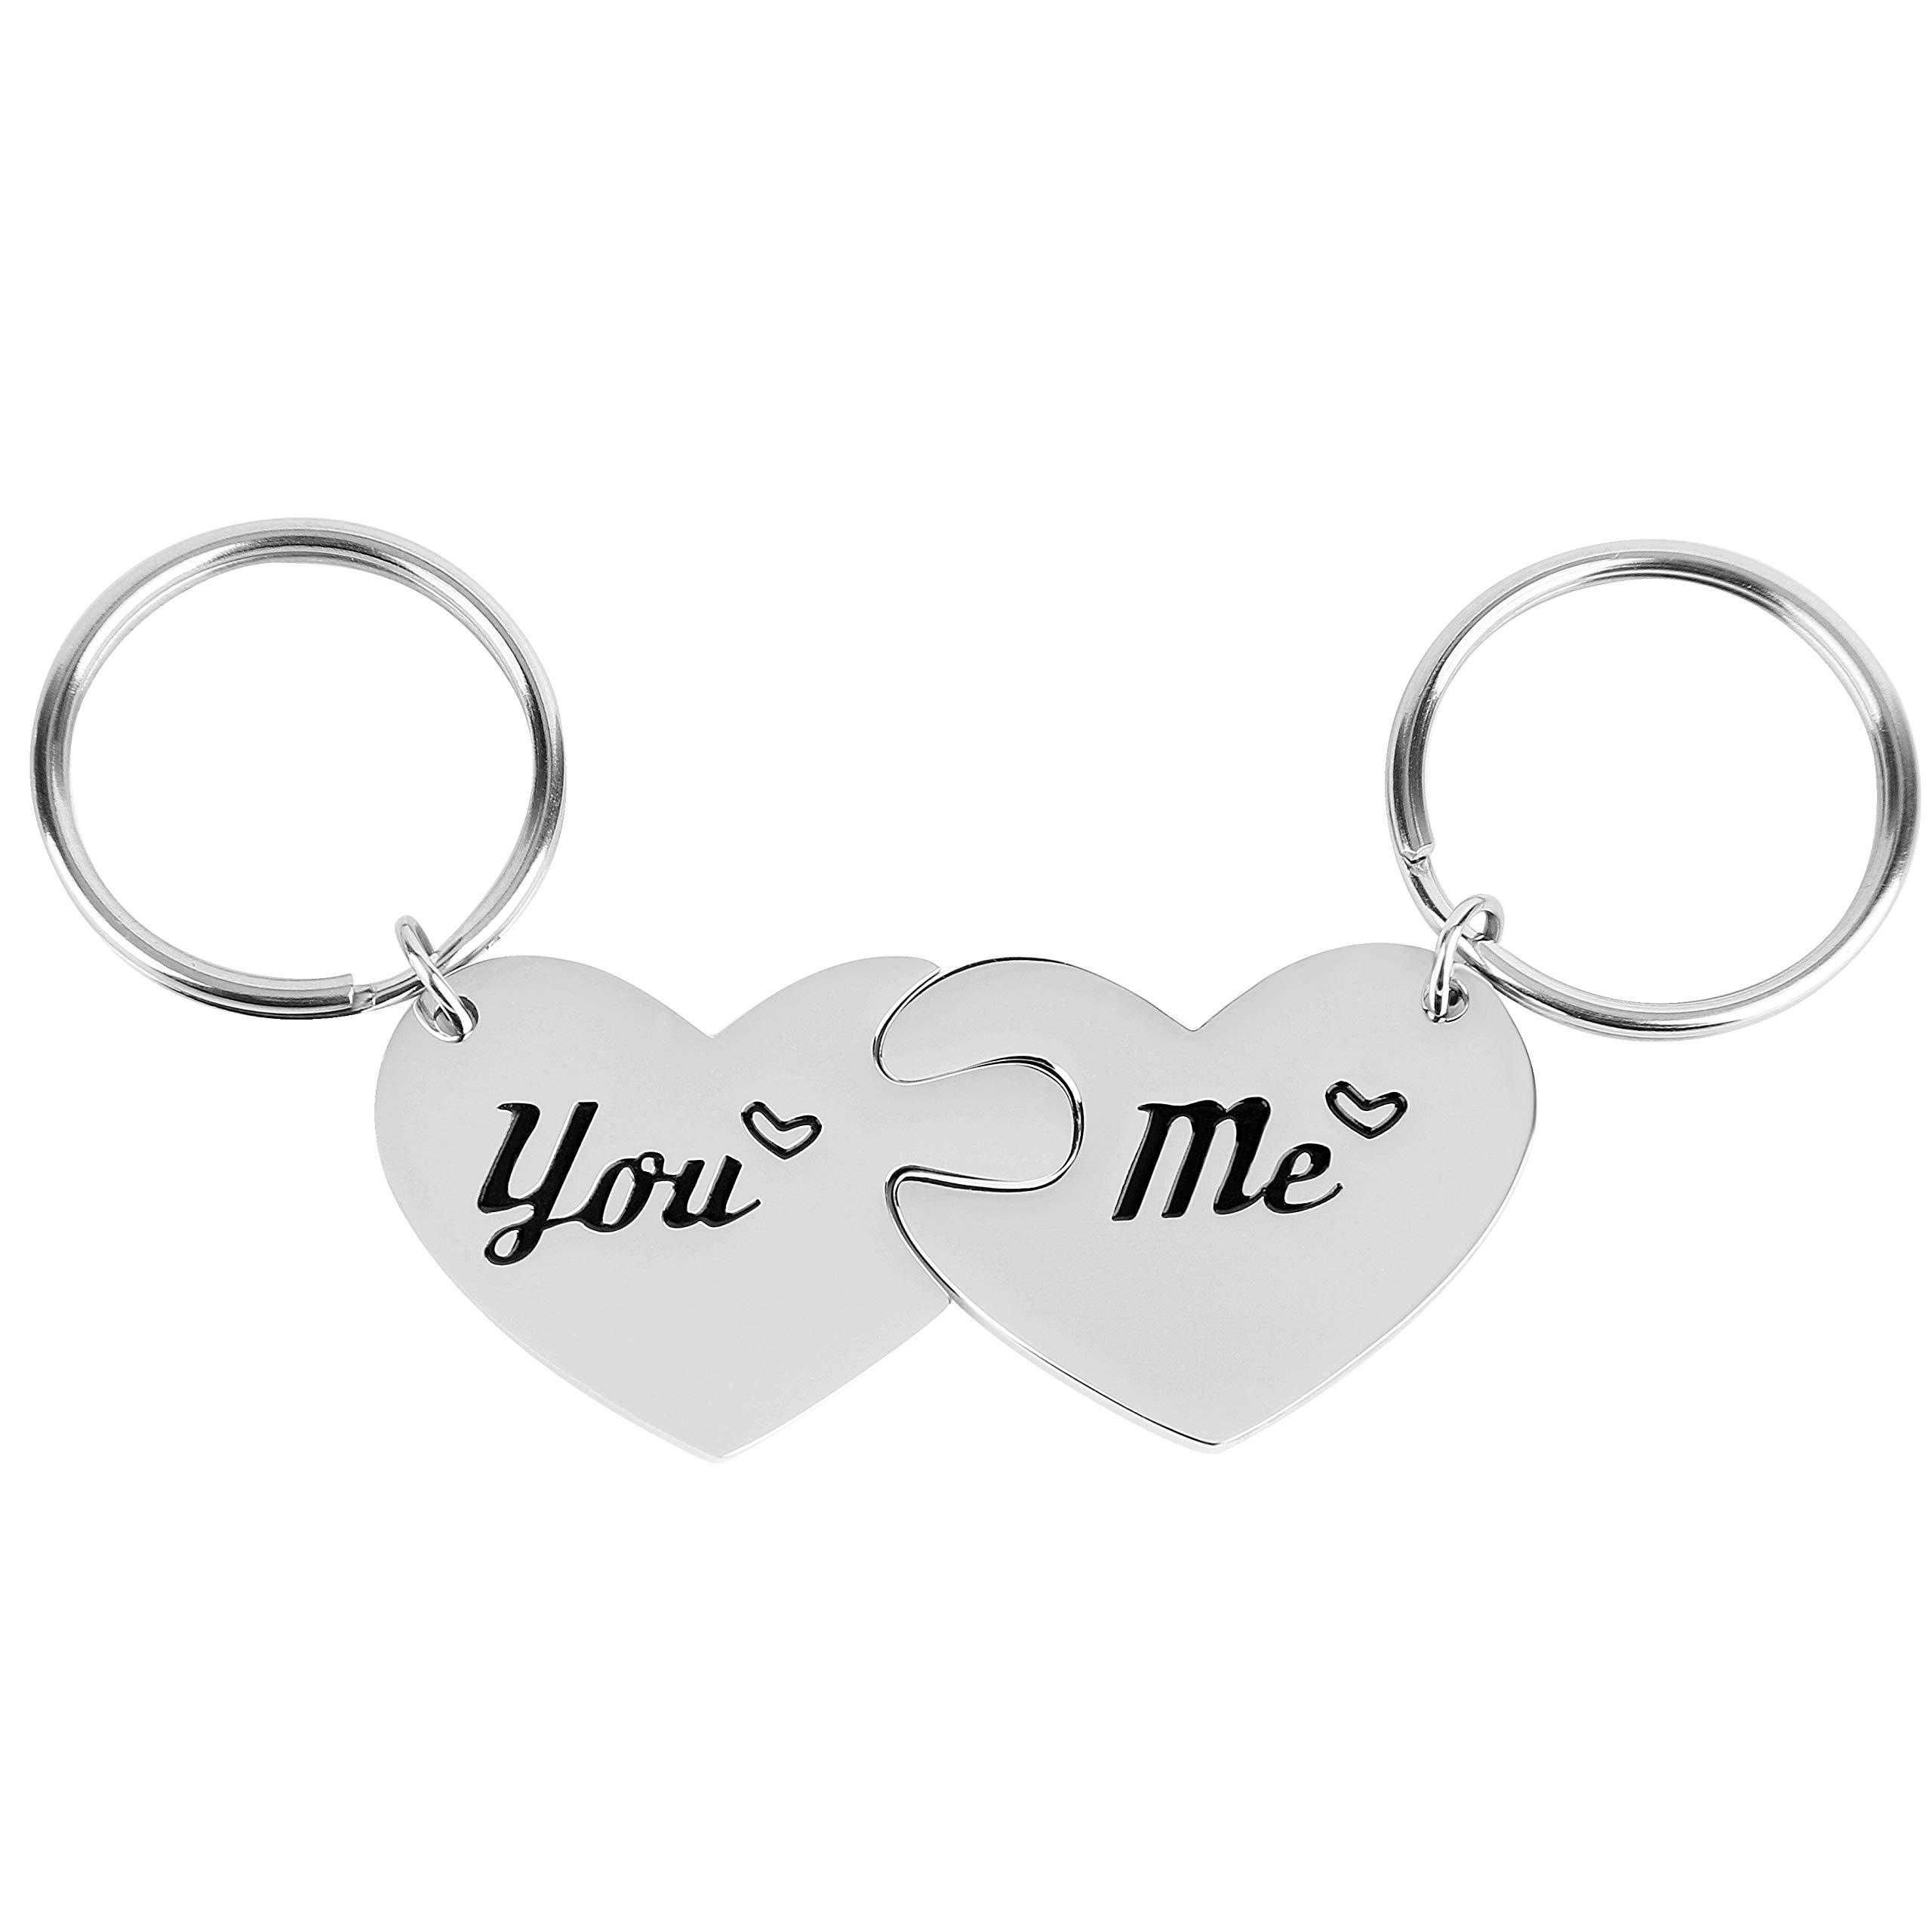 2 件情侣礼物 You & ME 情侣心形钥匙链环 钥匙链 情人节 生日 圣诞 周年纪念 送给丈夫 妻子 男朋友 女朋友